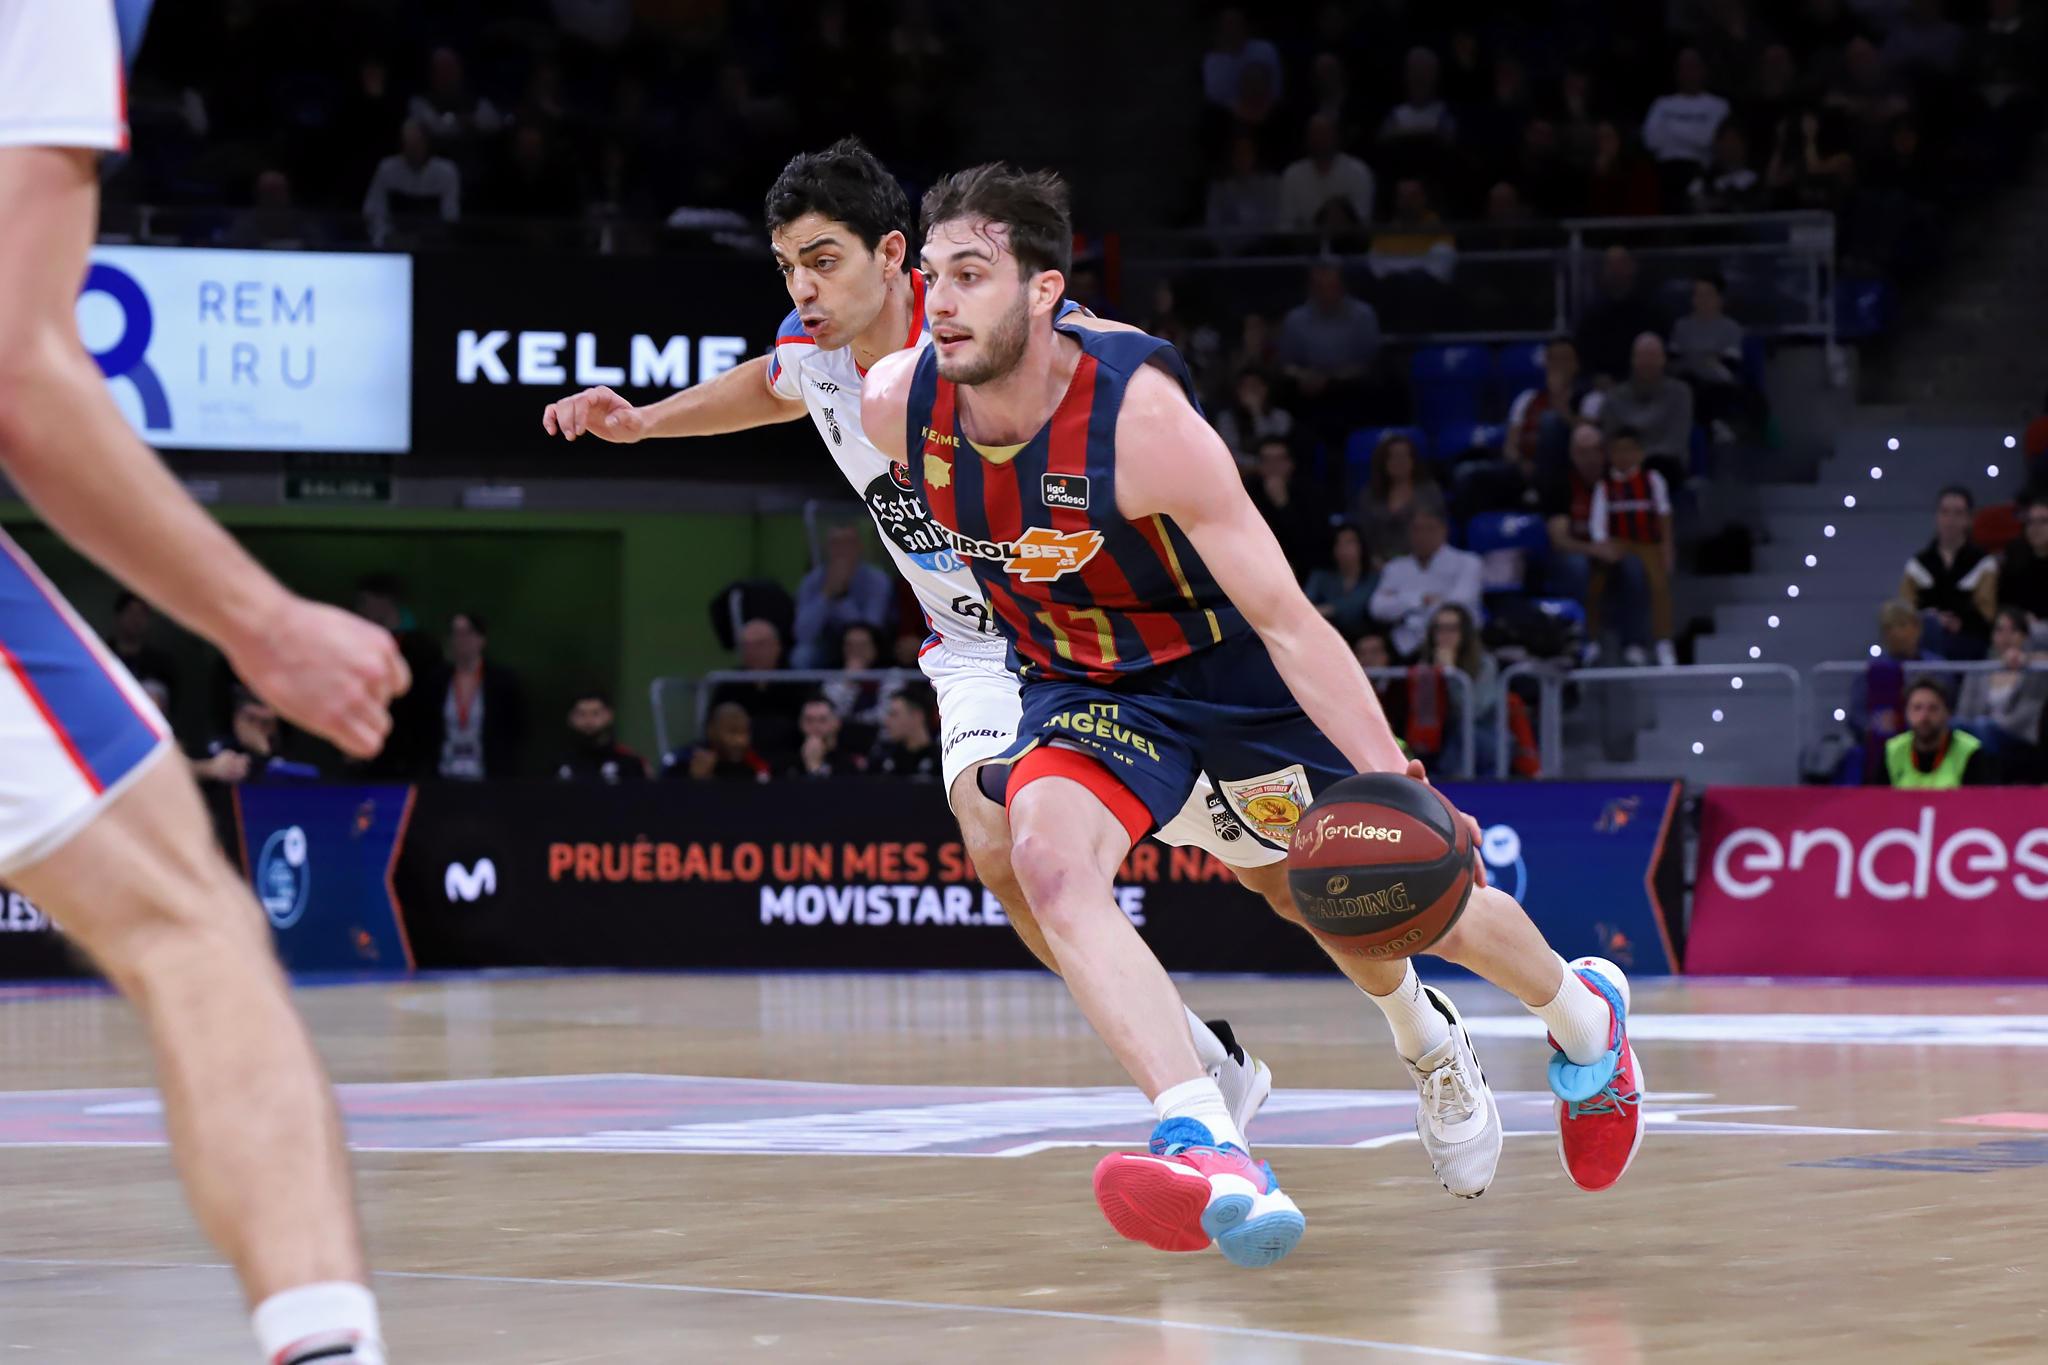 Sergi García. Foto: Ekaitz Otxoa